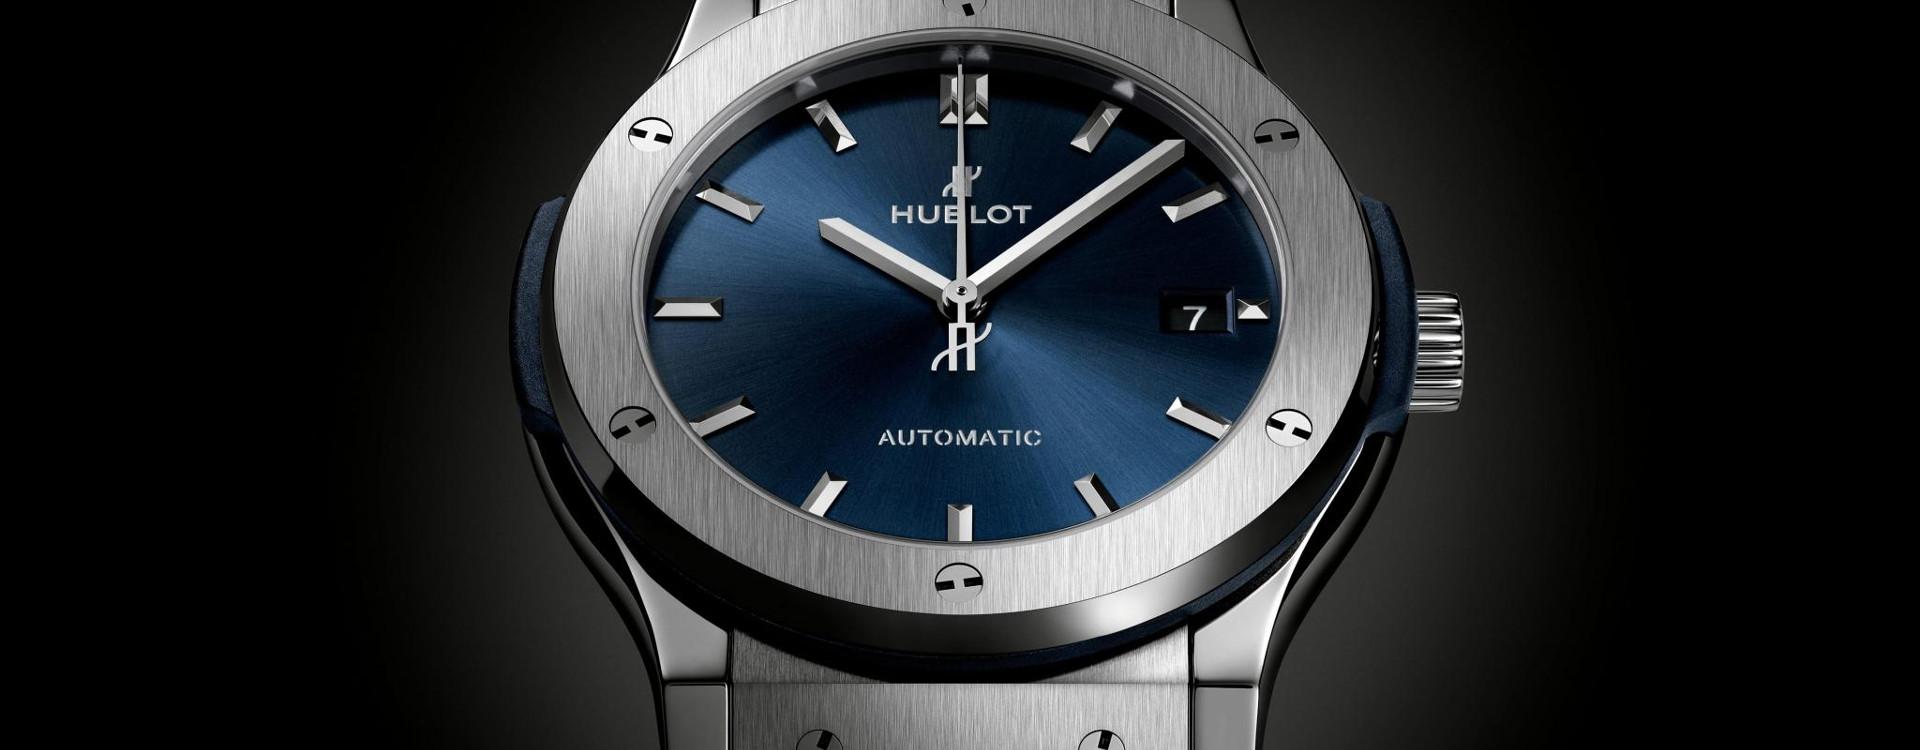 Hublot Classic Fusion Uhren